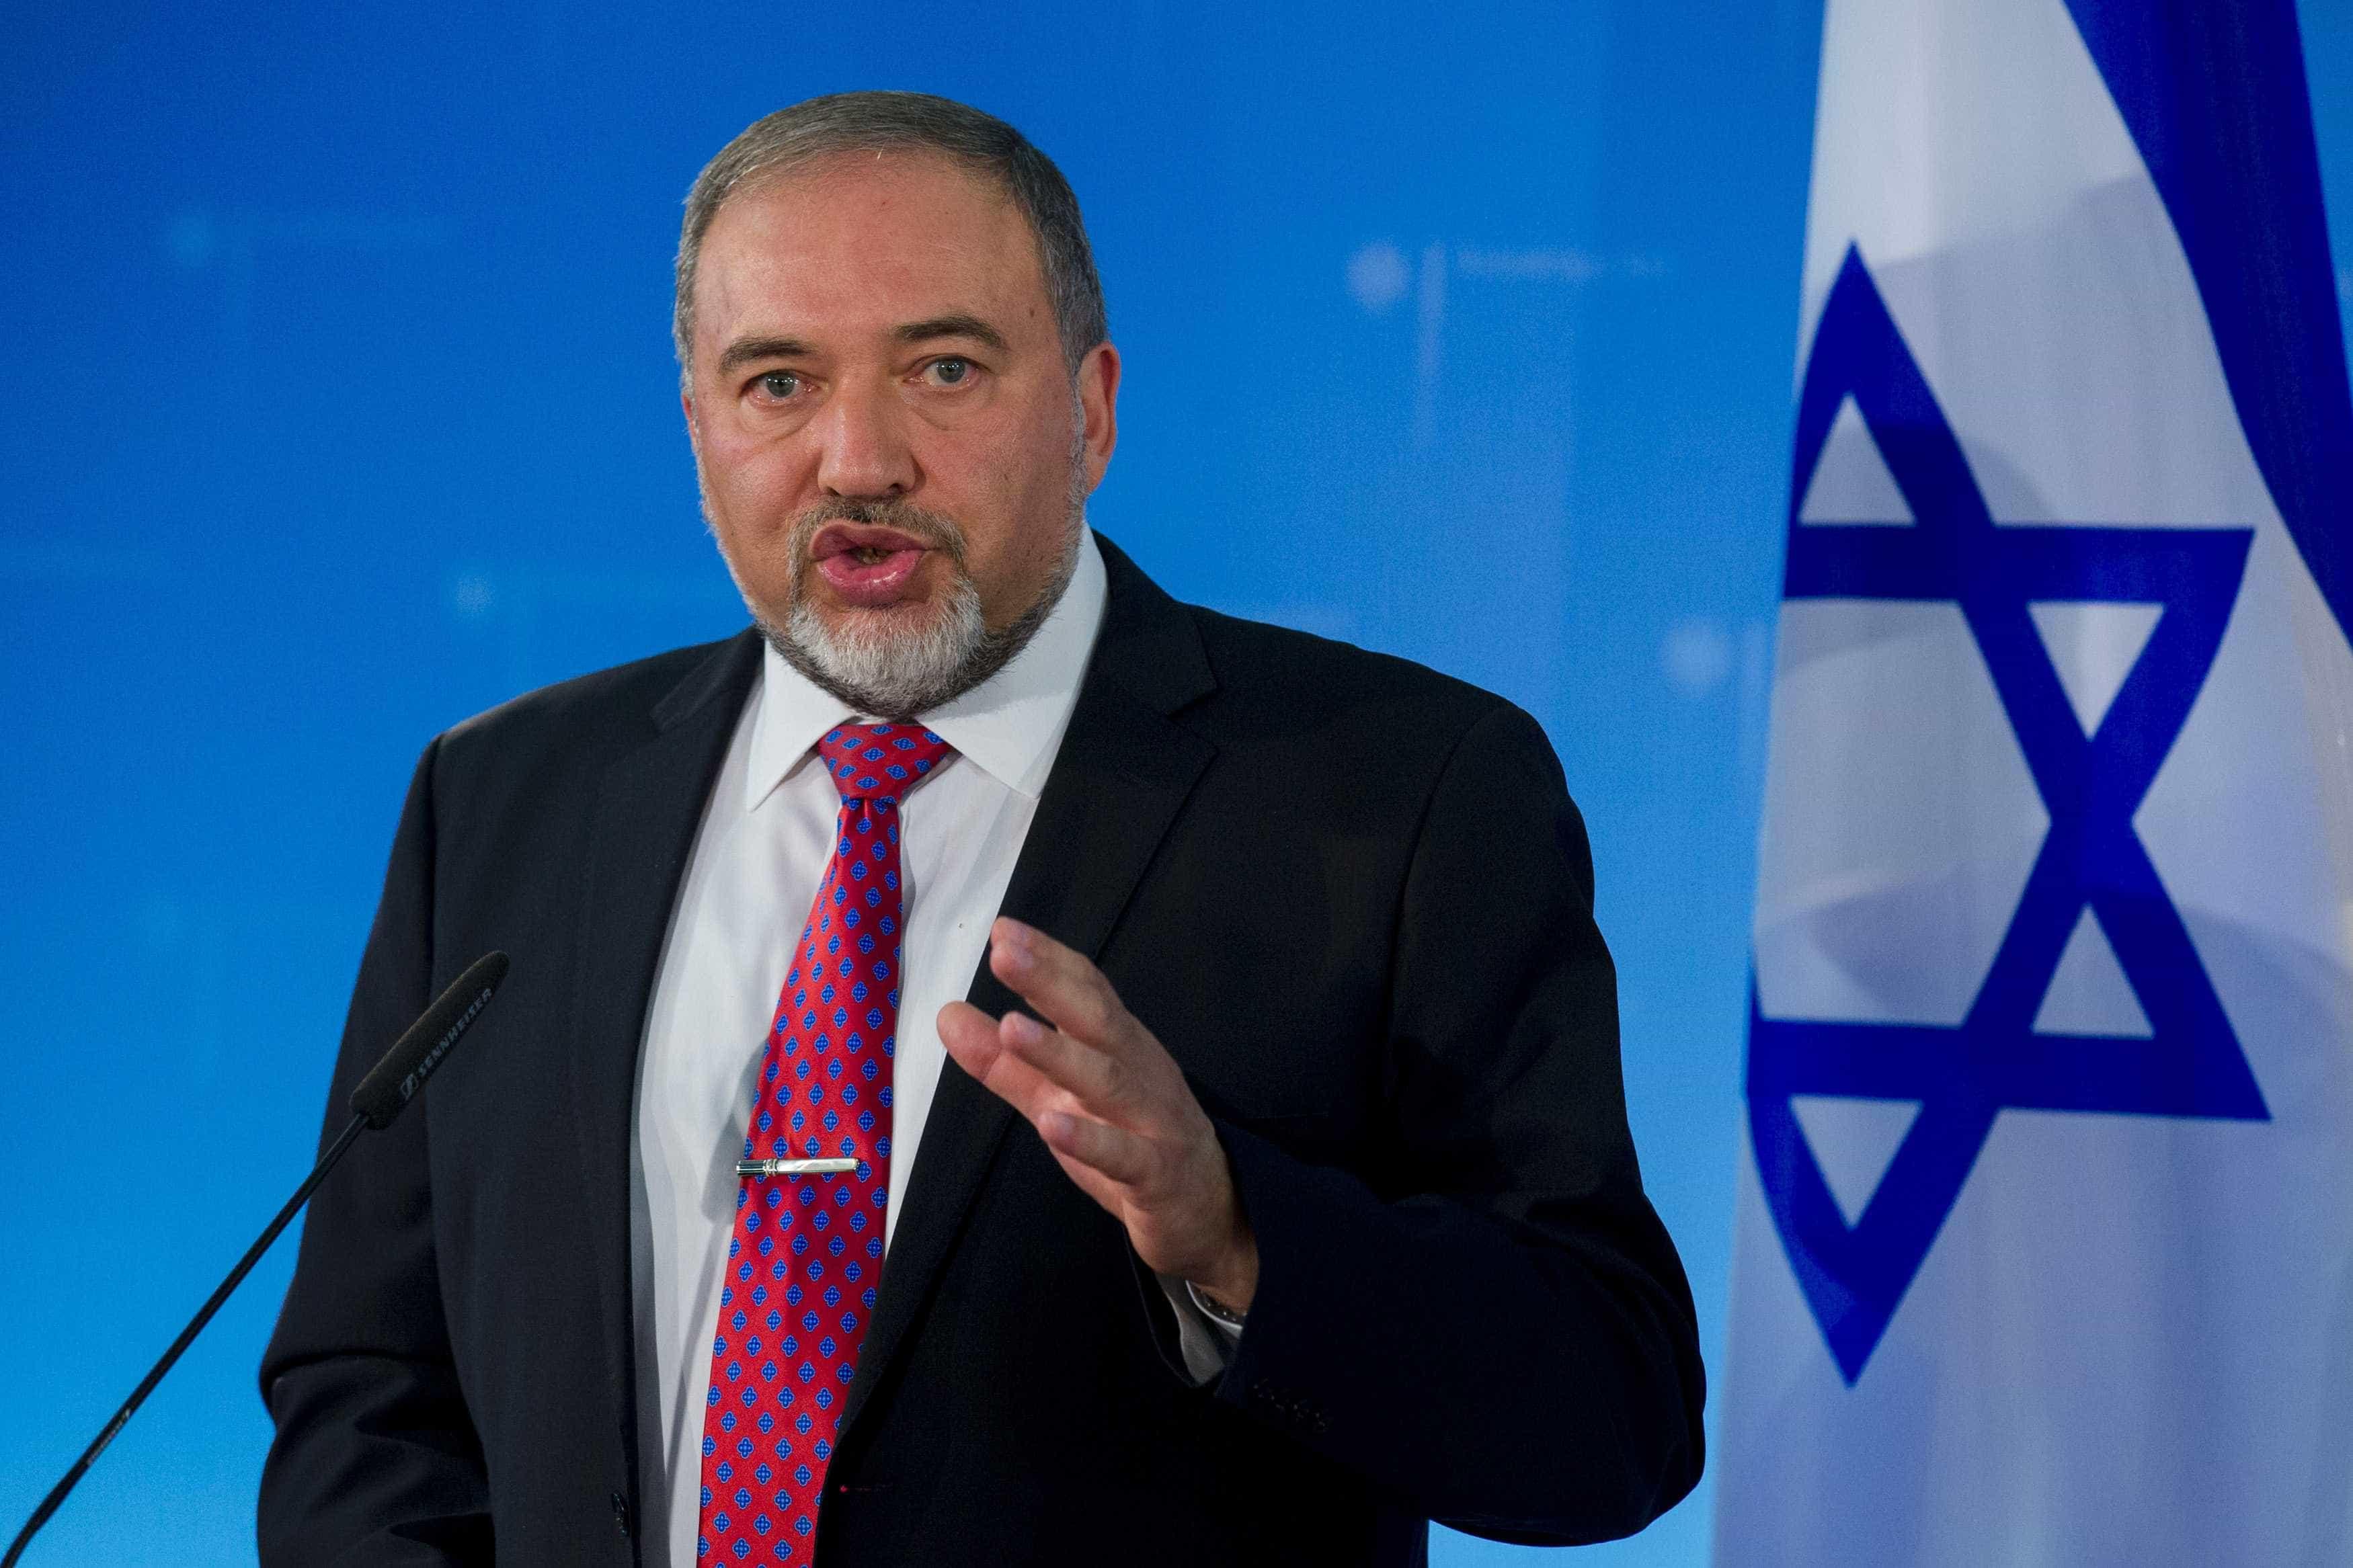 Ministro da Defesa israelita demite-se devido a cessar-fogo em Gaza